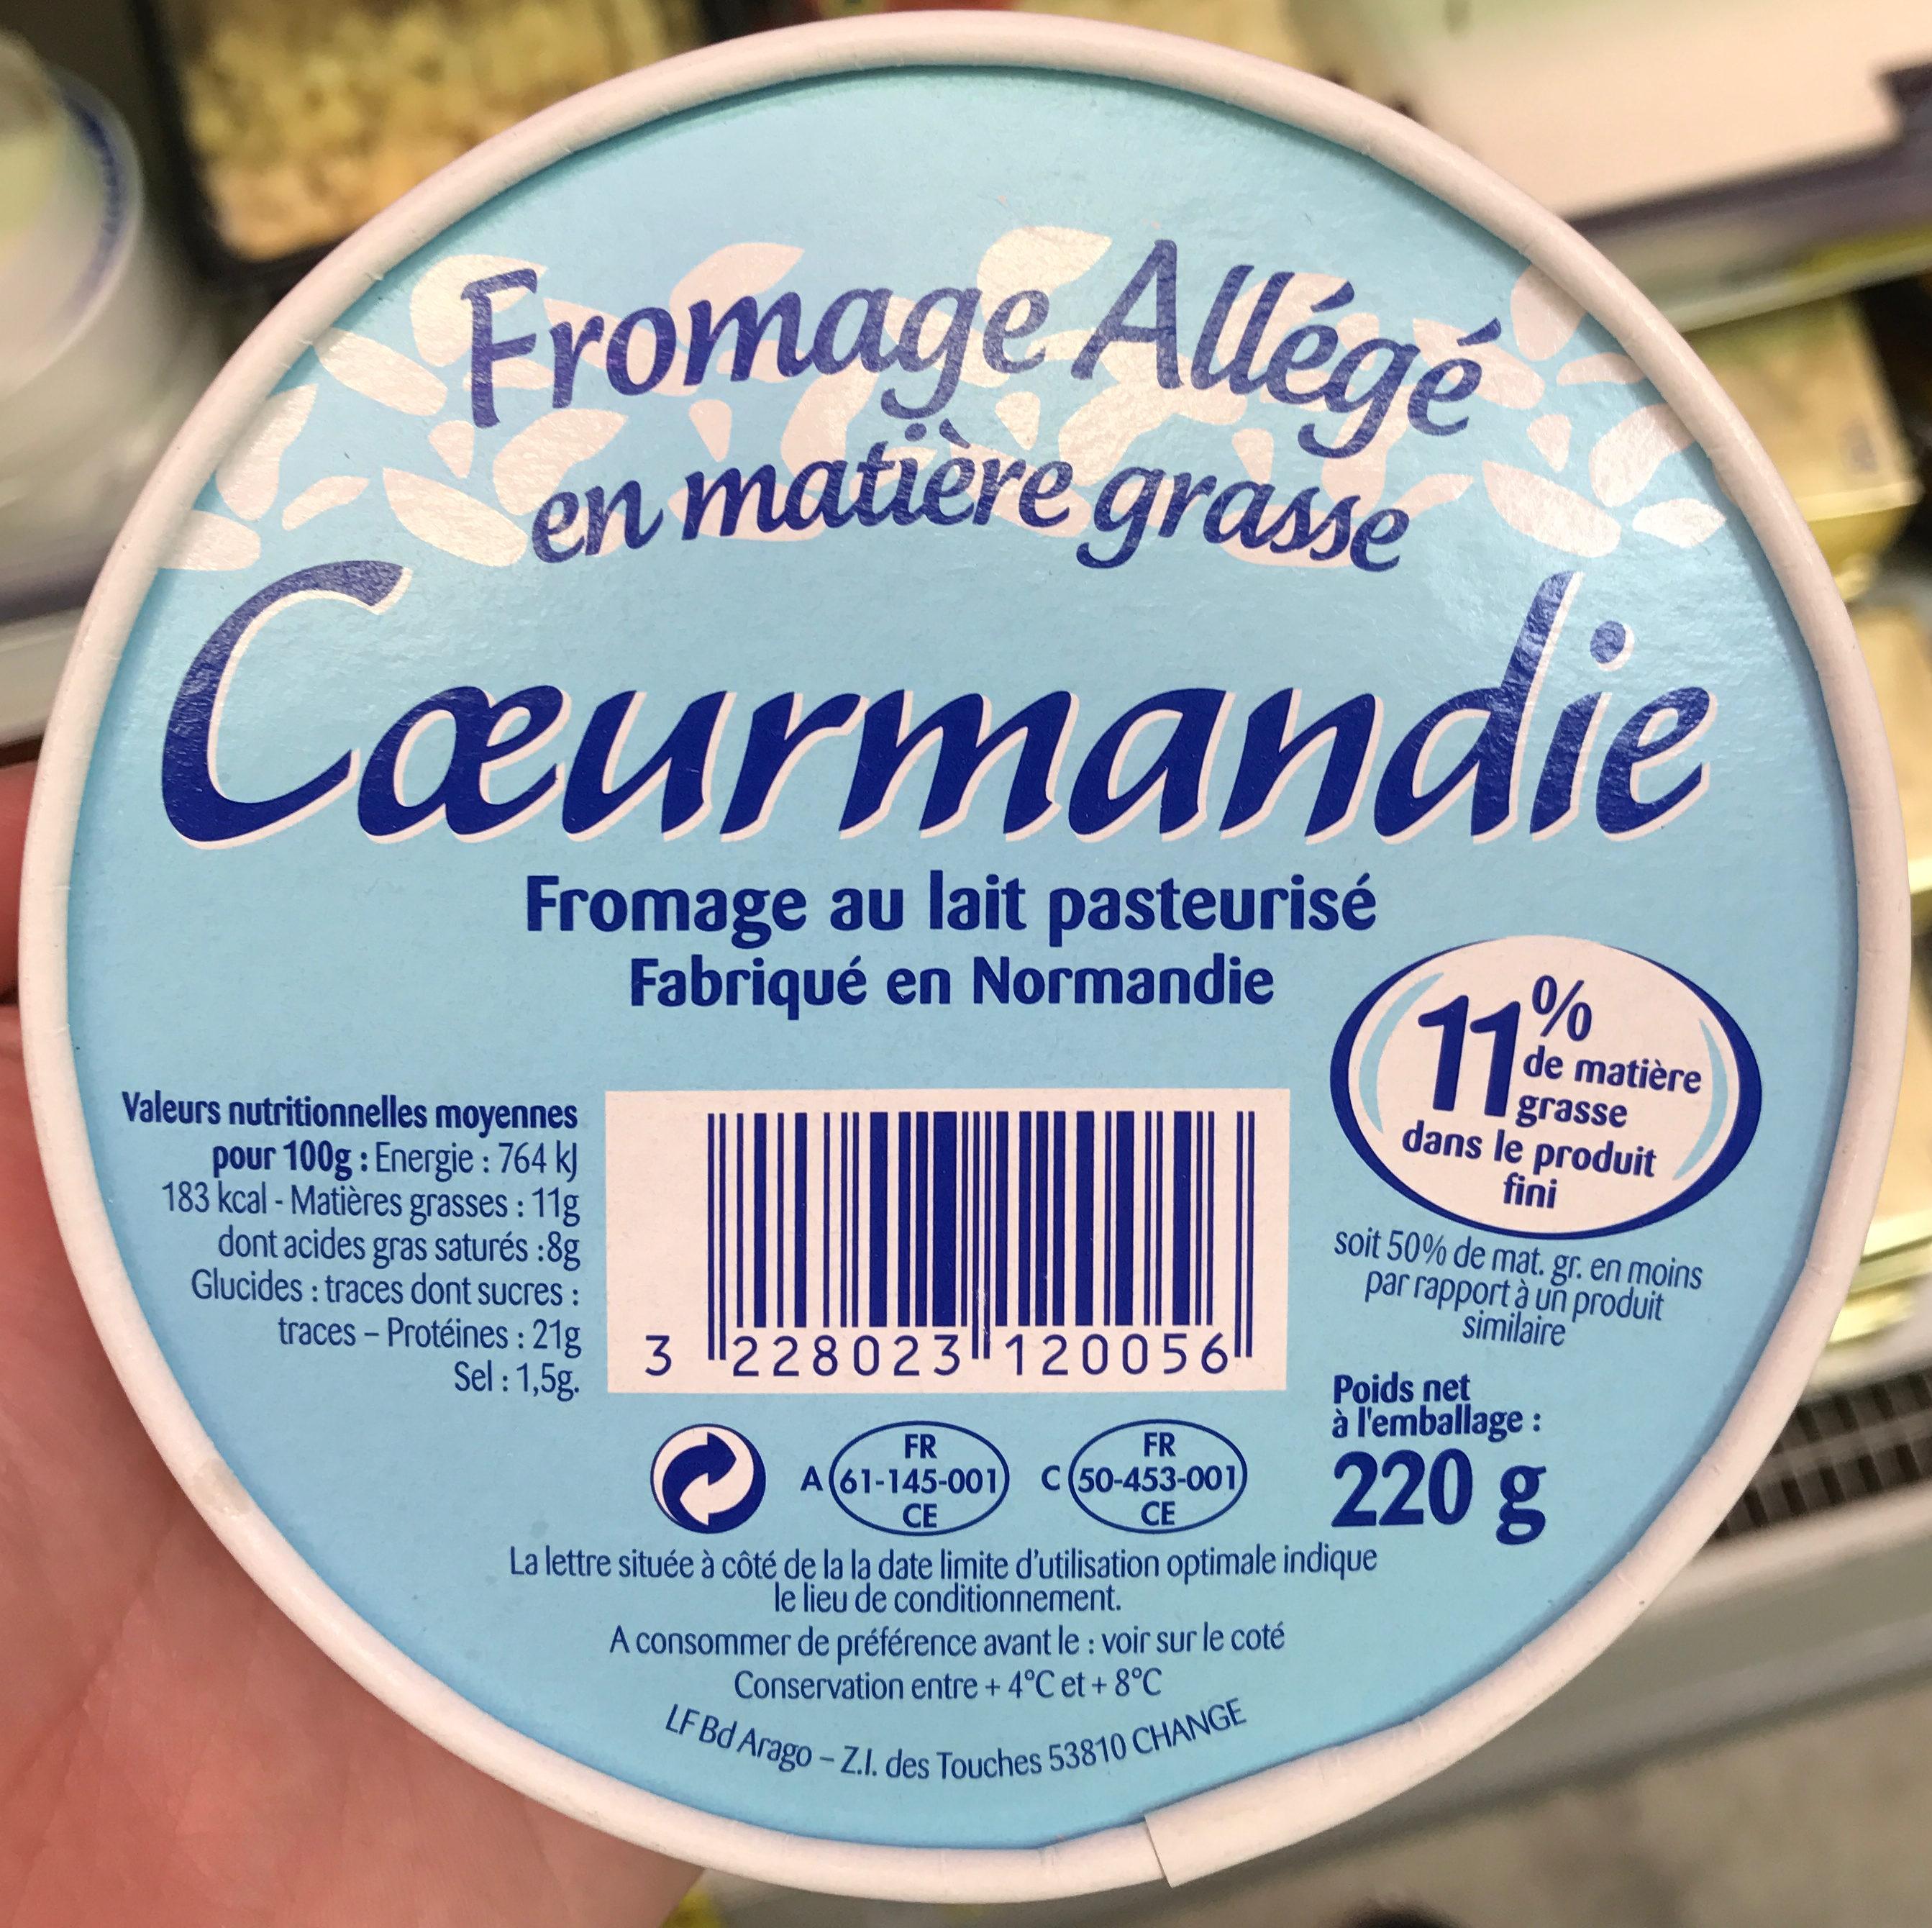 Fromage all g en mati re grasse sans marque 220 g - Quantite de fromage par personne ...